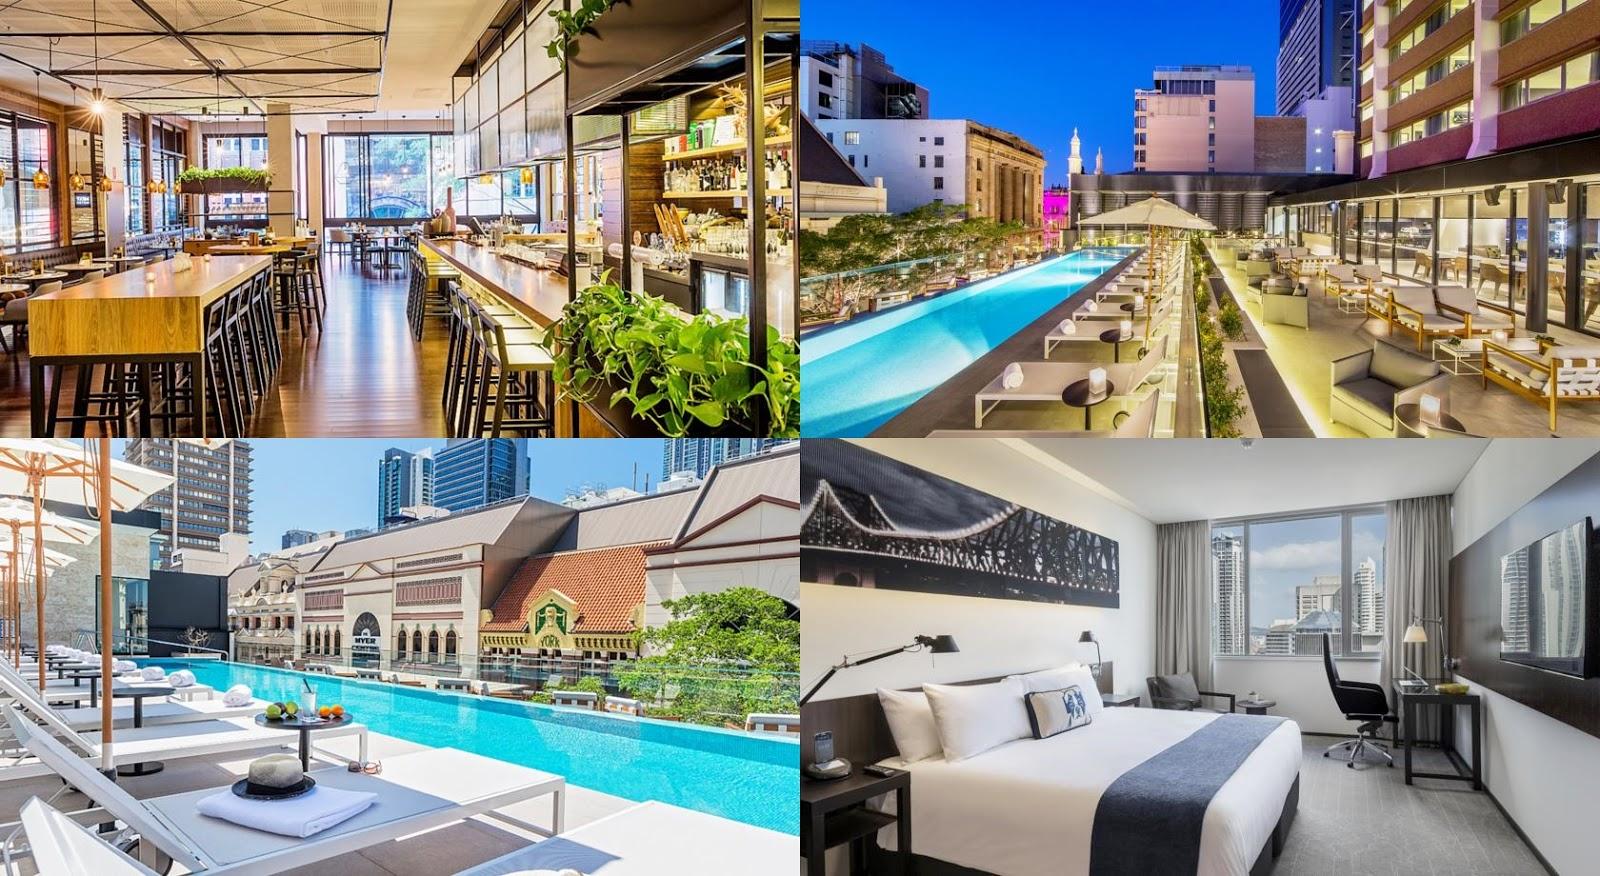 布里斯本-住宿-推薦-飯店-酒店-民宿-旅館-澳洲-Brisbane-hotel-apartment-recommendation-Australia